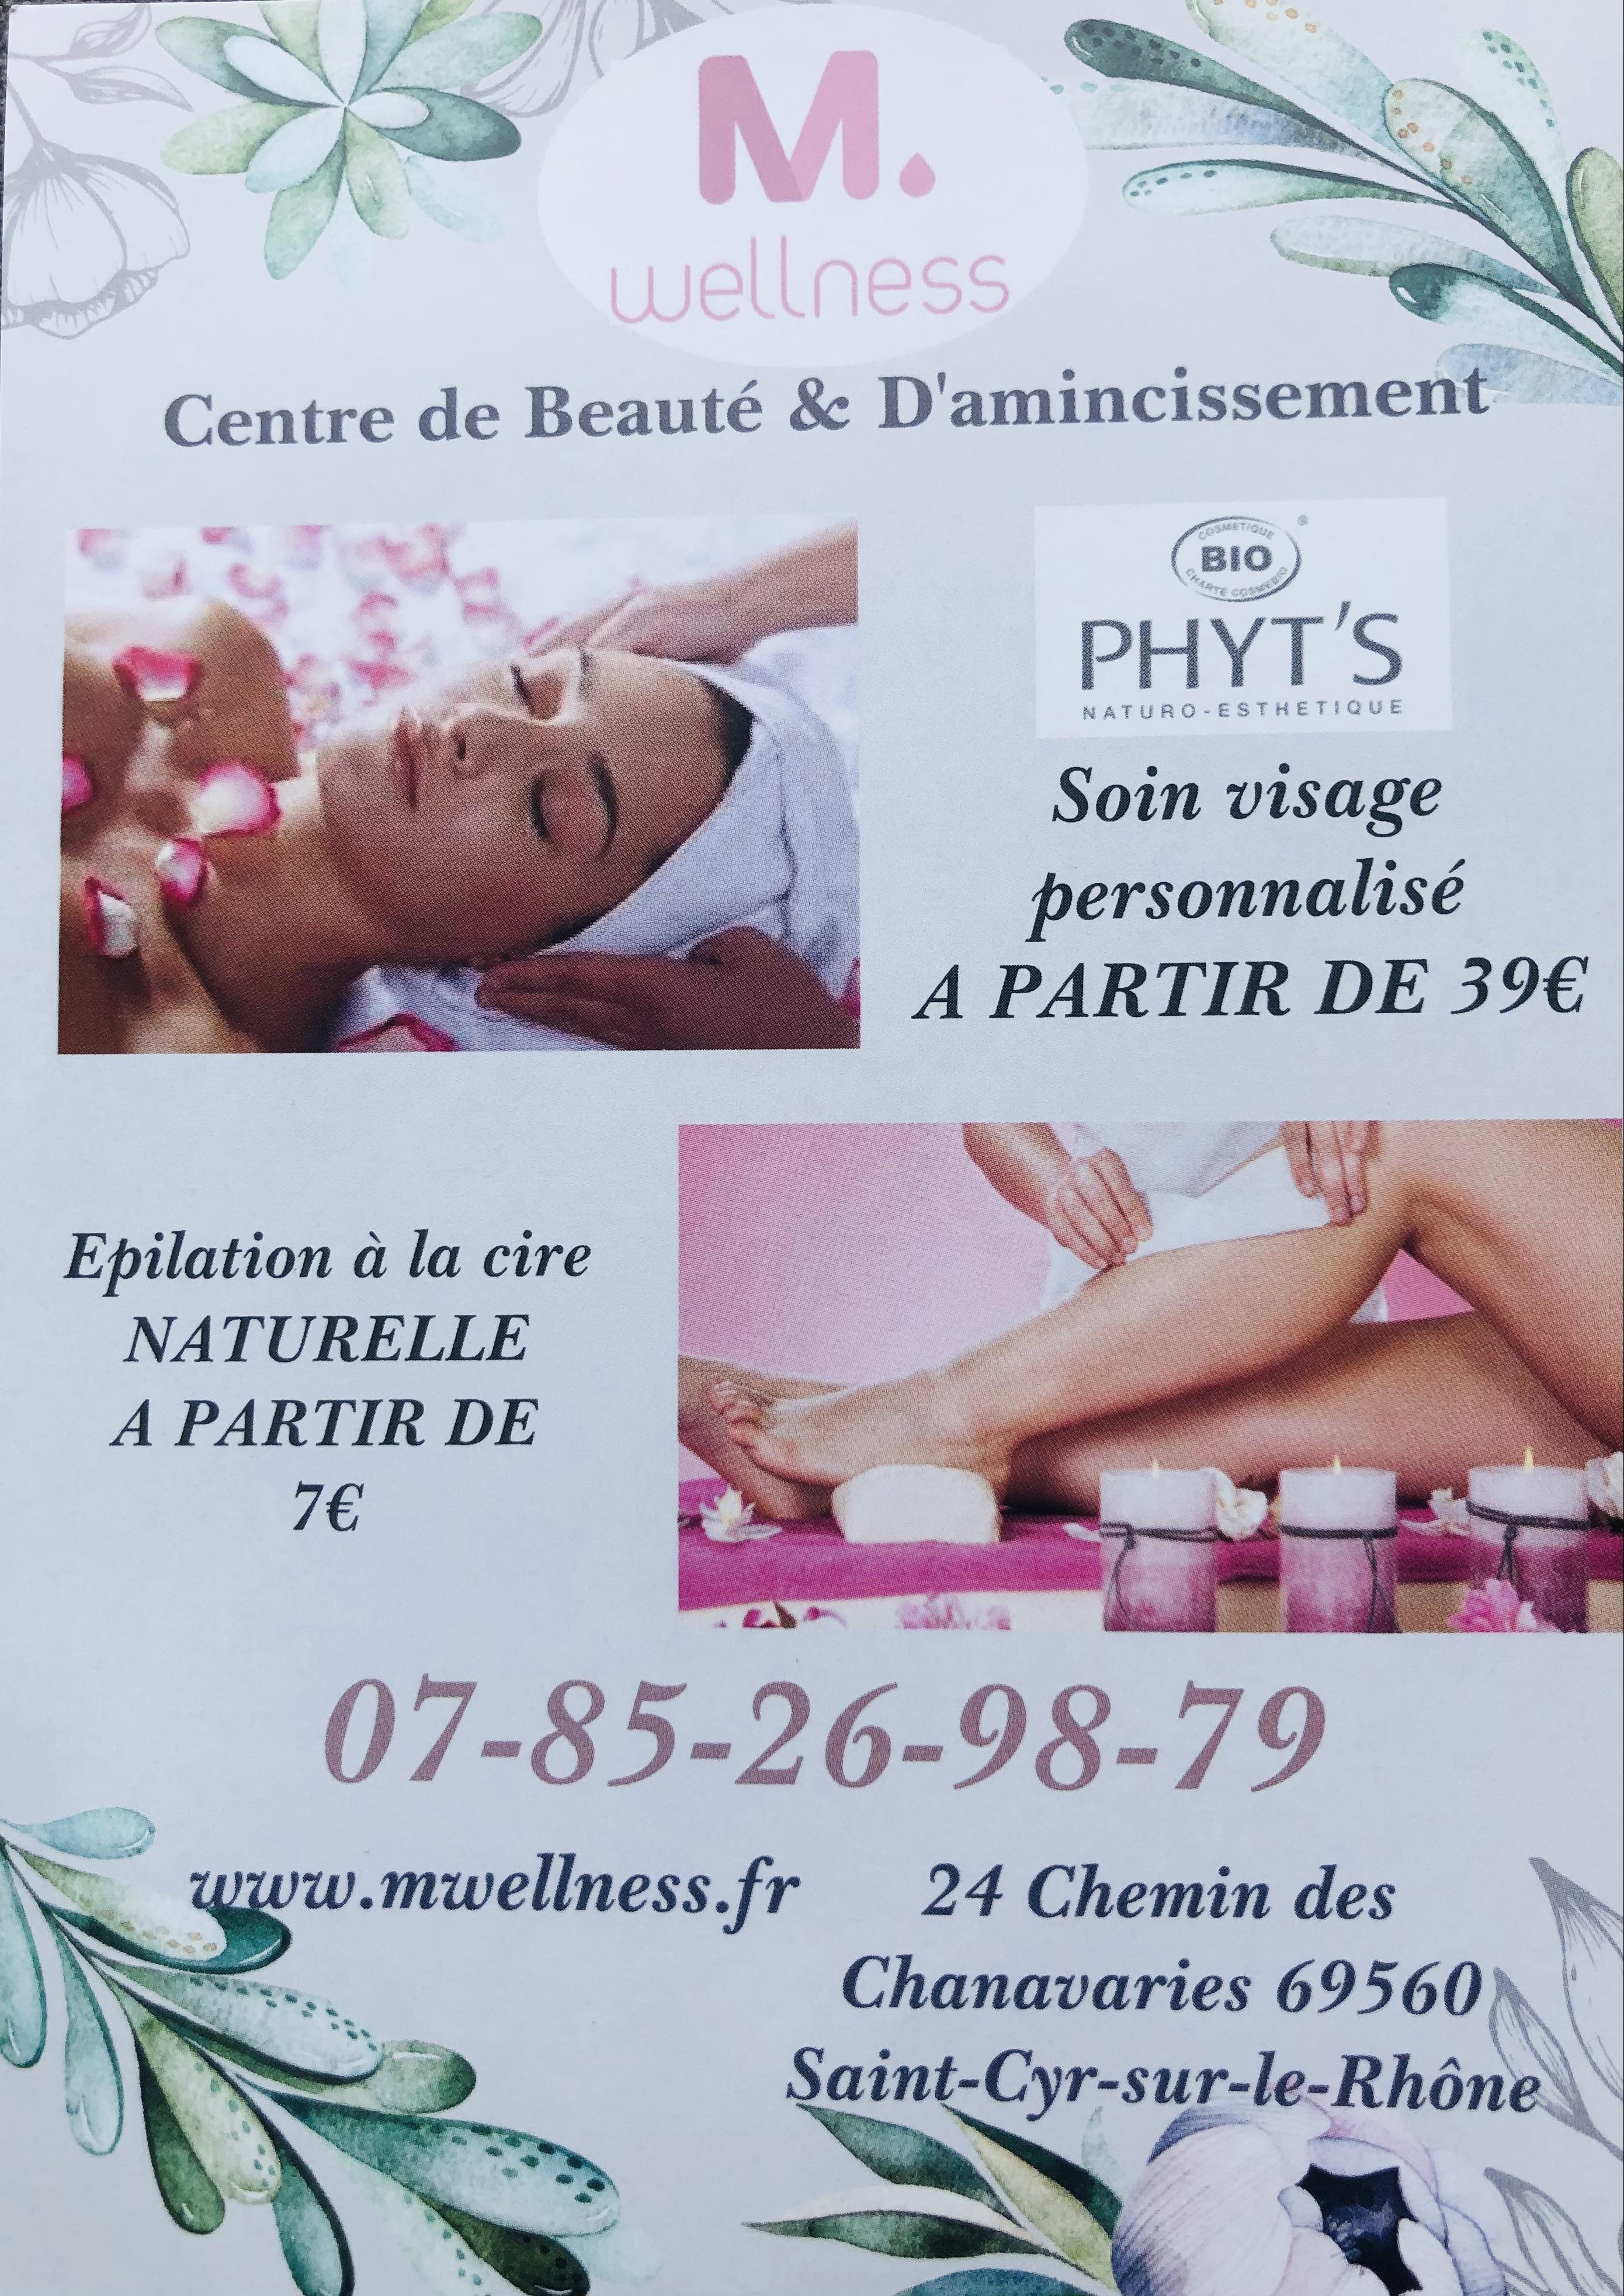 Institut de beauté à Saint-Cyr-sur-le-Rhône